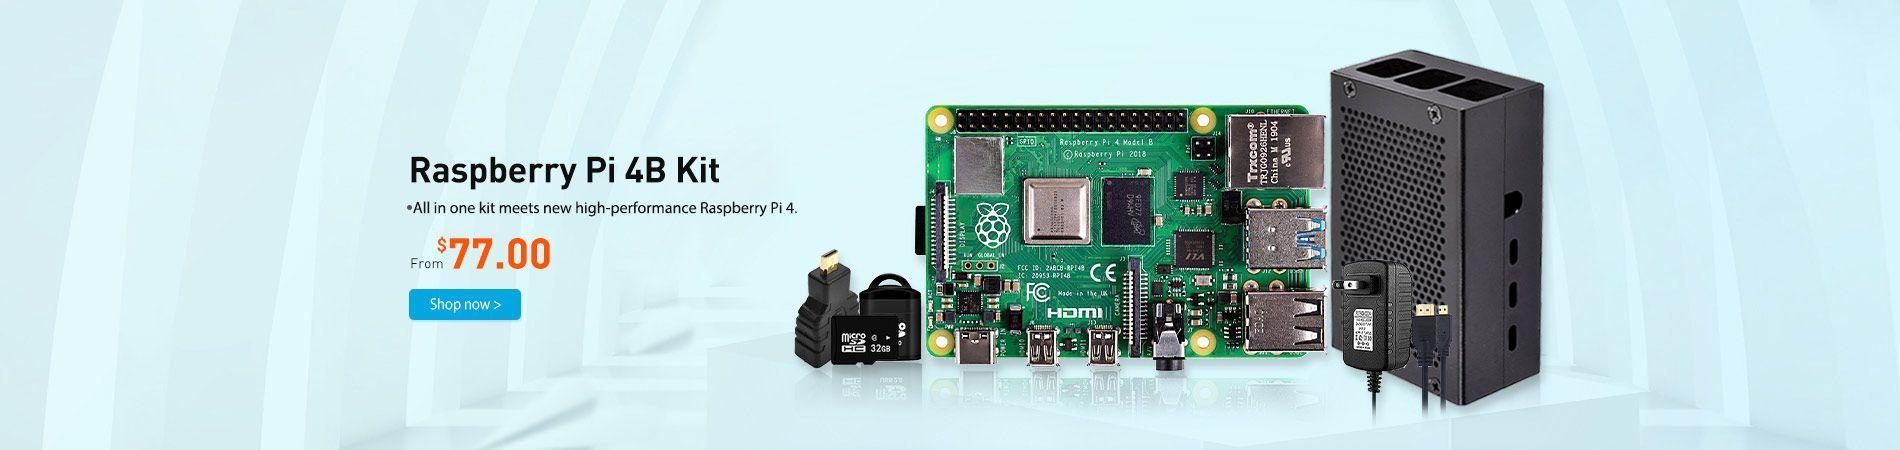 https://www.elecrow.com/raspberry-pi-4-model-b-with-4gb-ram.html